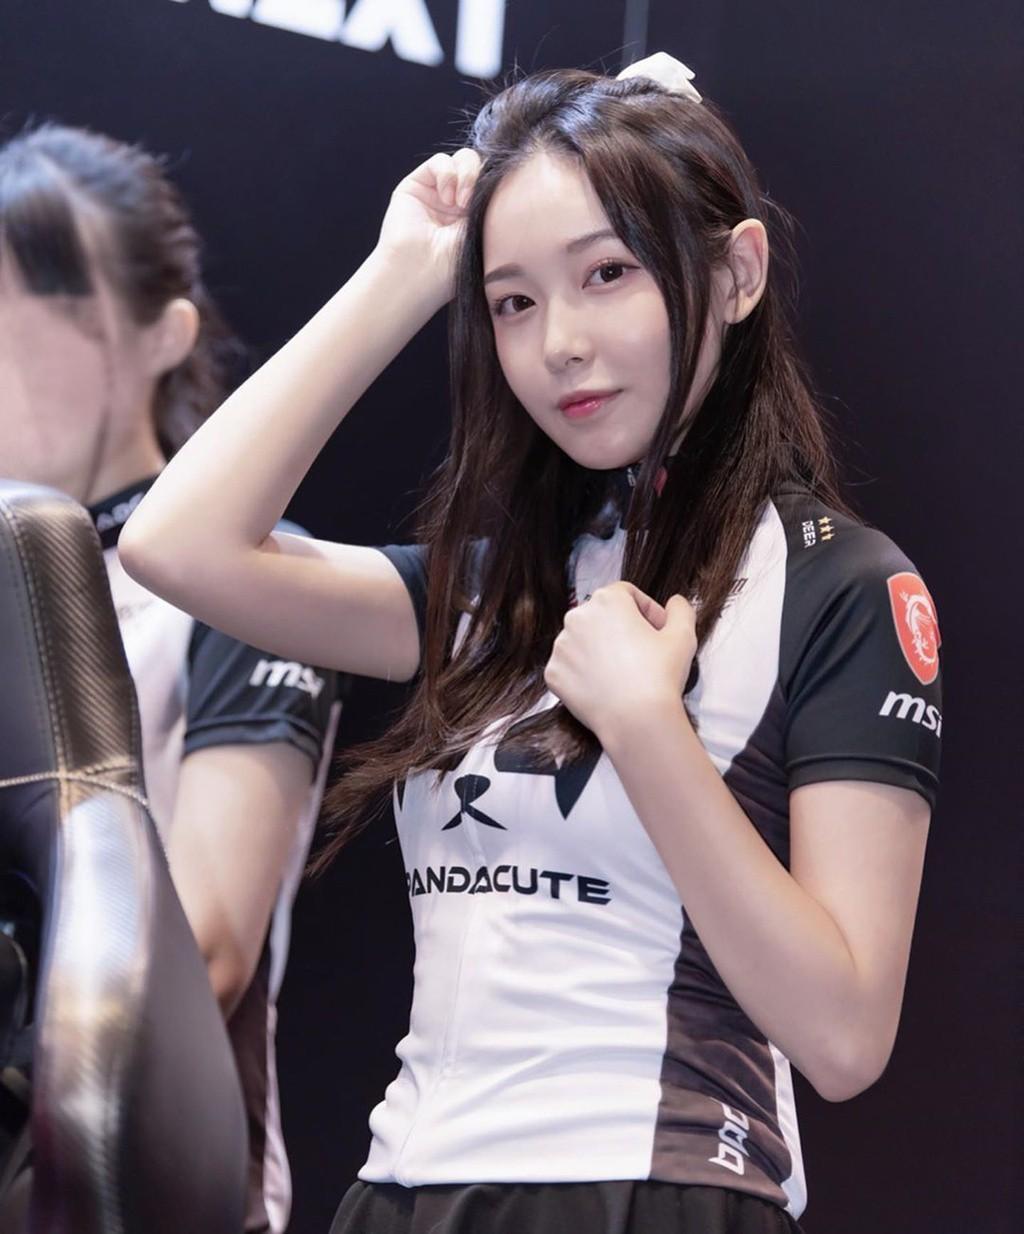 Deer Chann Lộc Nhi (22 tuổi) tên thật là Trần Gia Tĩnh là một nữ game thủ có tiếng tại Hong Kong và Trung Quốc. Năm 2017, cô nàng bắt đầu nổi tiếng nhờ gia nhập đội eSports tên Panda Cute của trò Liên minh huyền thoại (LOL).